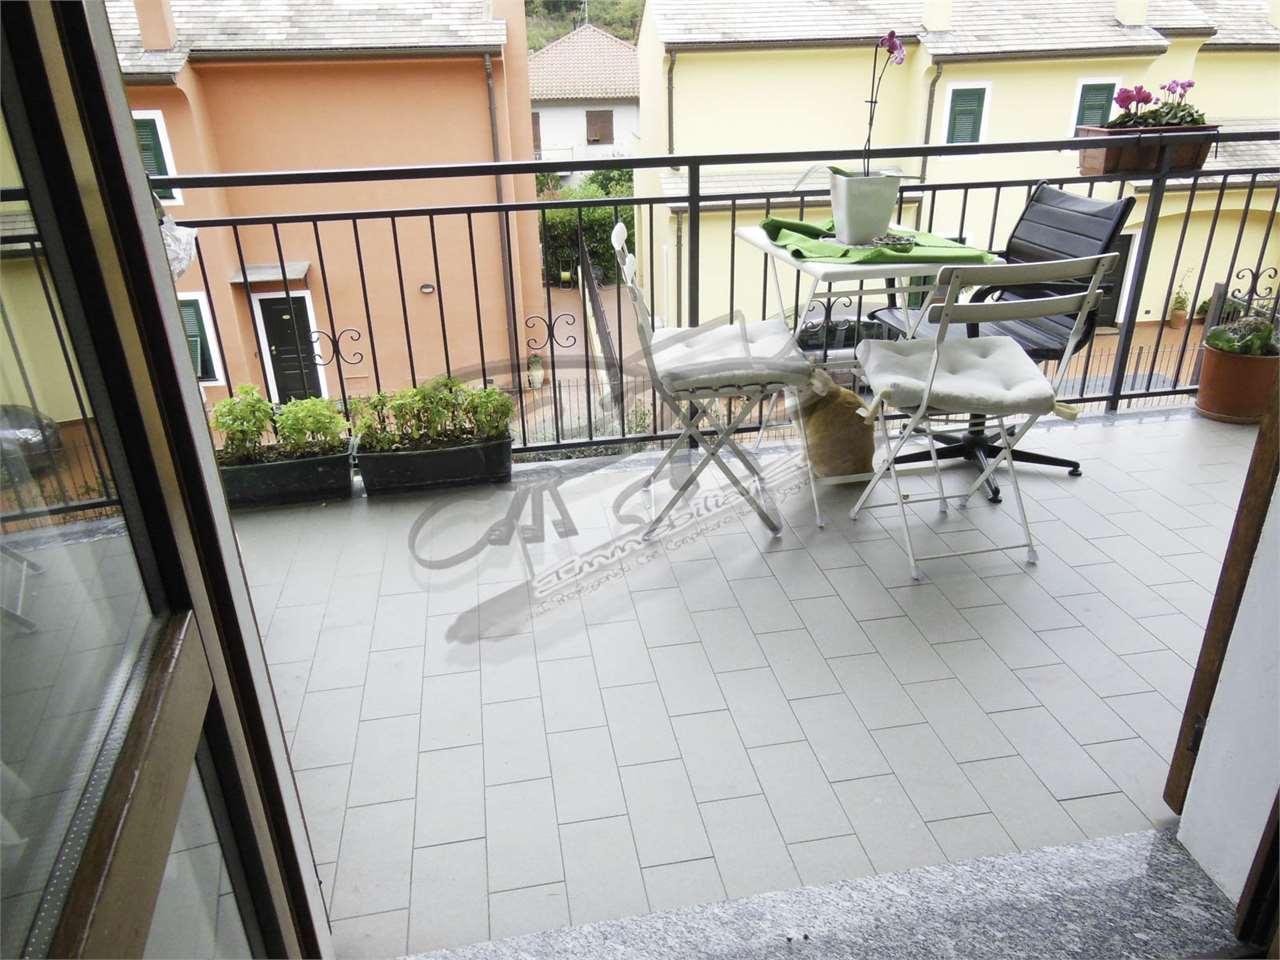 Villa a Schiera in vendita a Tovo San Giacomo, 3 locali, prezzo € 268.000 | CambioCasa.it